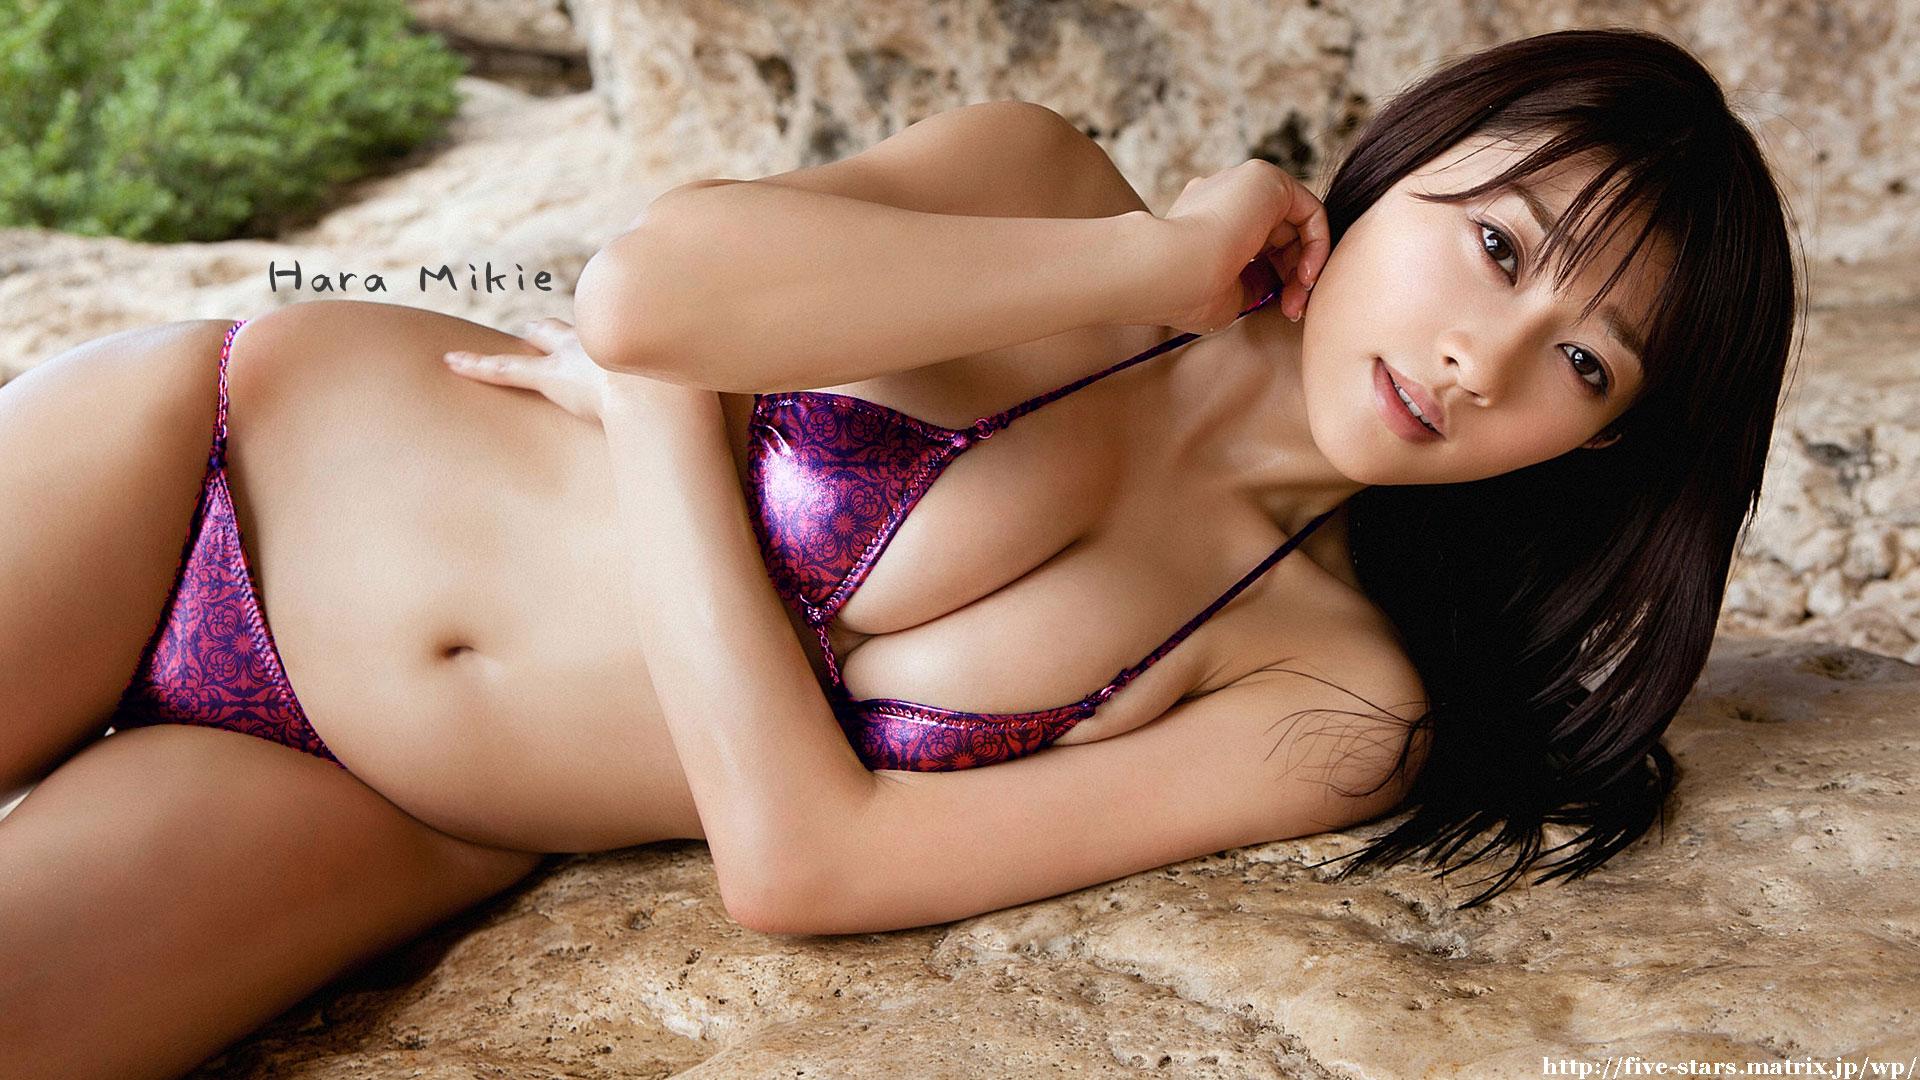 image http://scanlover.com/assets/images/1330-VRcKHt6duKN0MHtM.jpeg